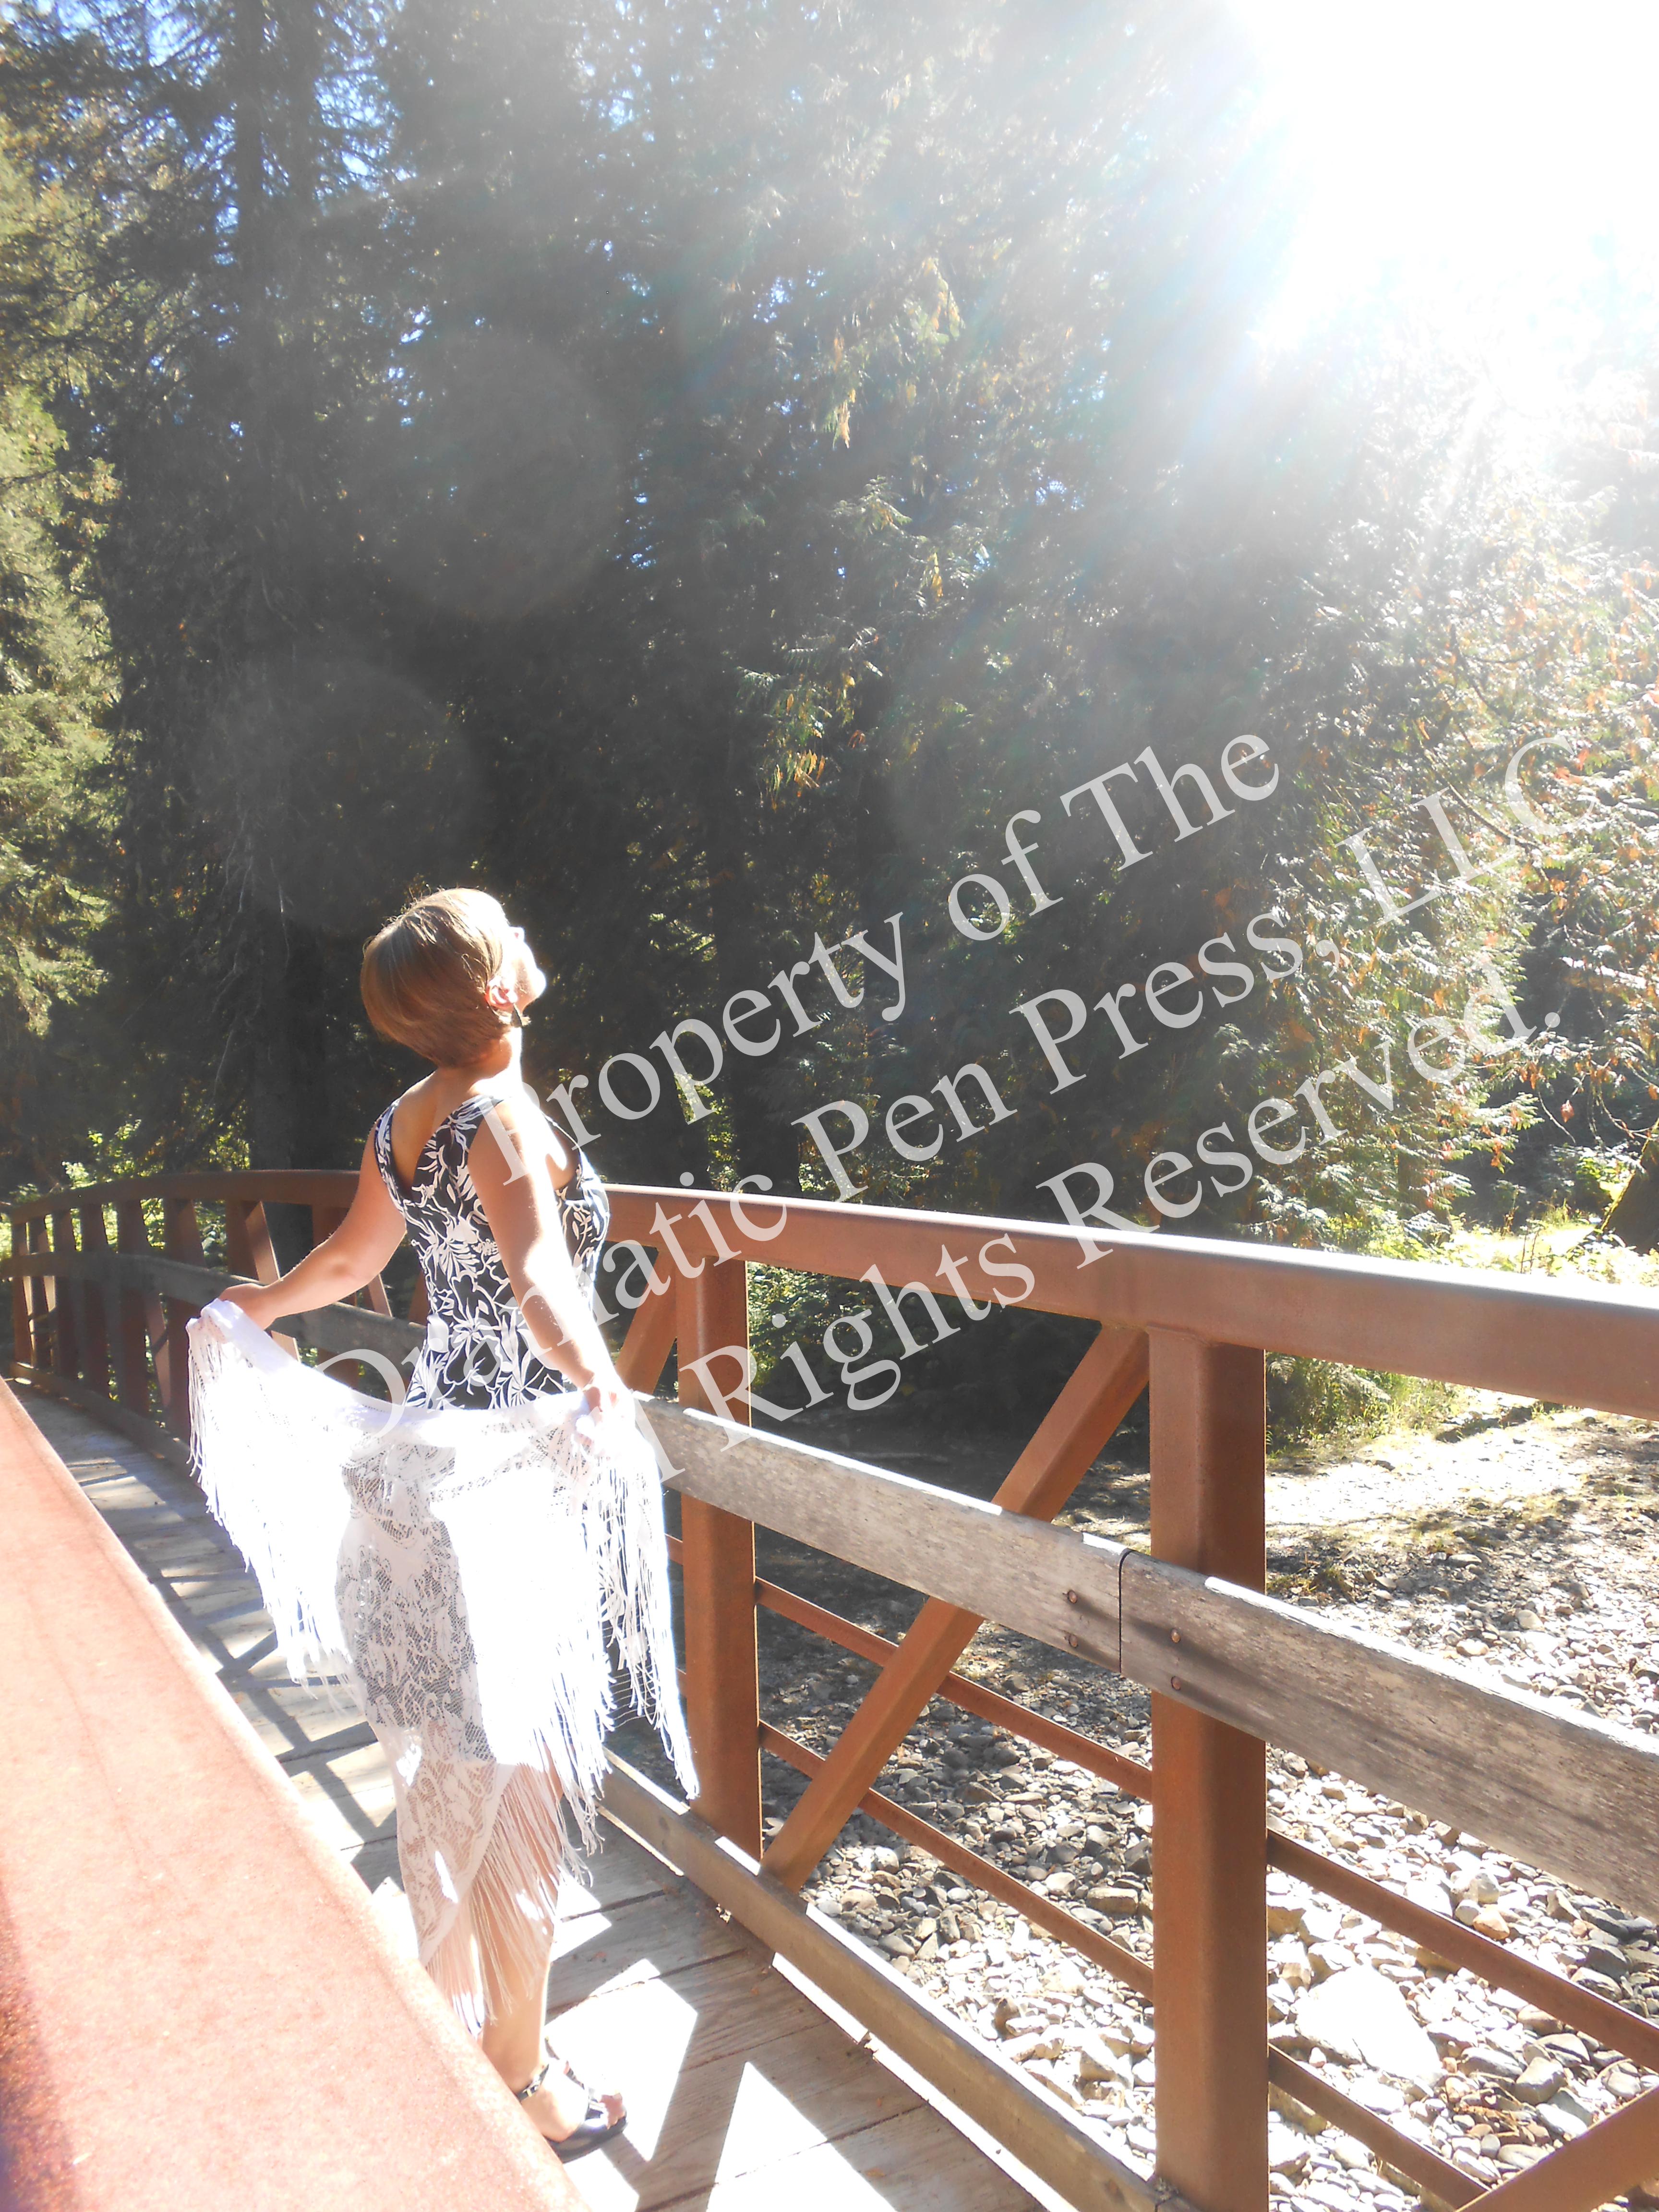 Woman in Sun on Bridge